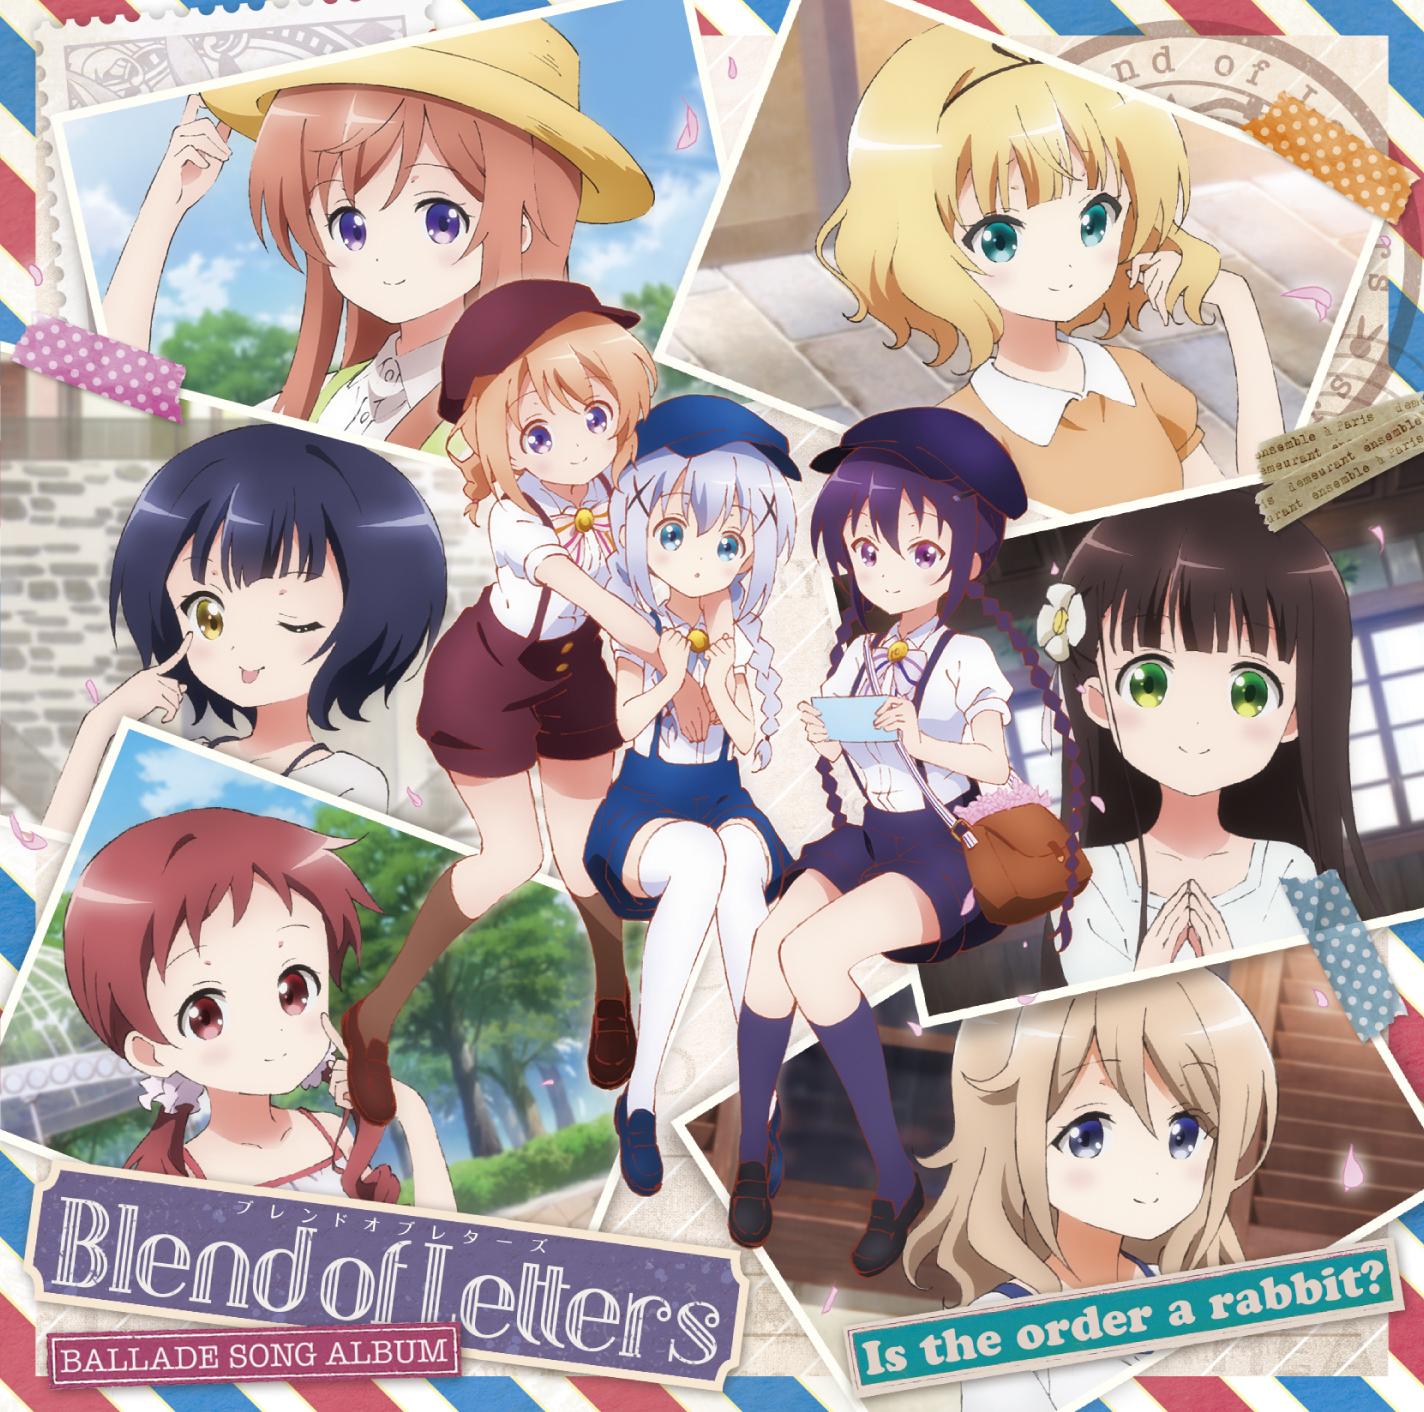 ご注文はうさぎですか? バラードソングアルバム Blend of Letters